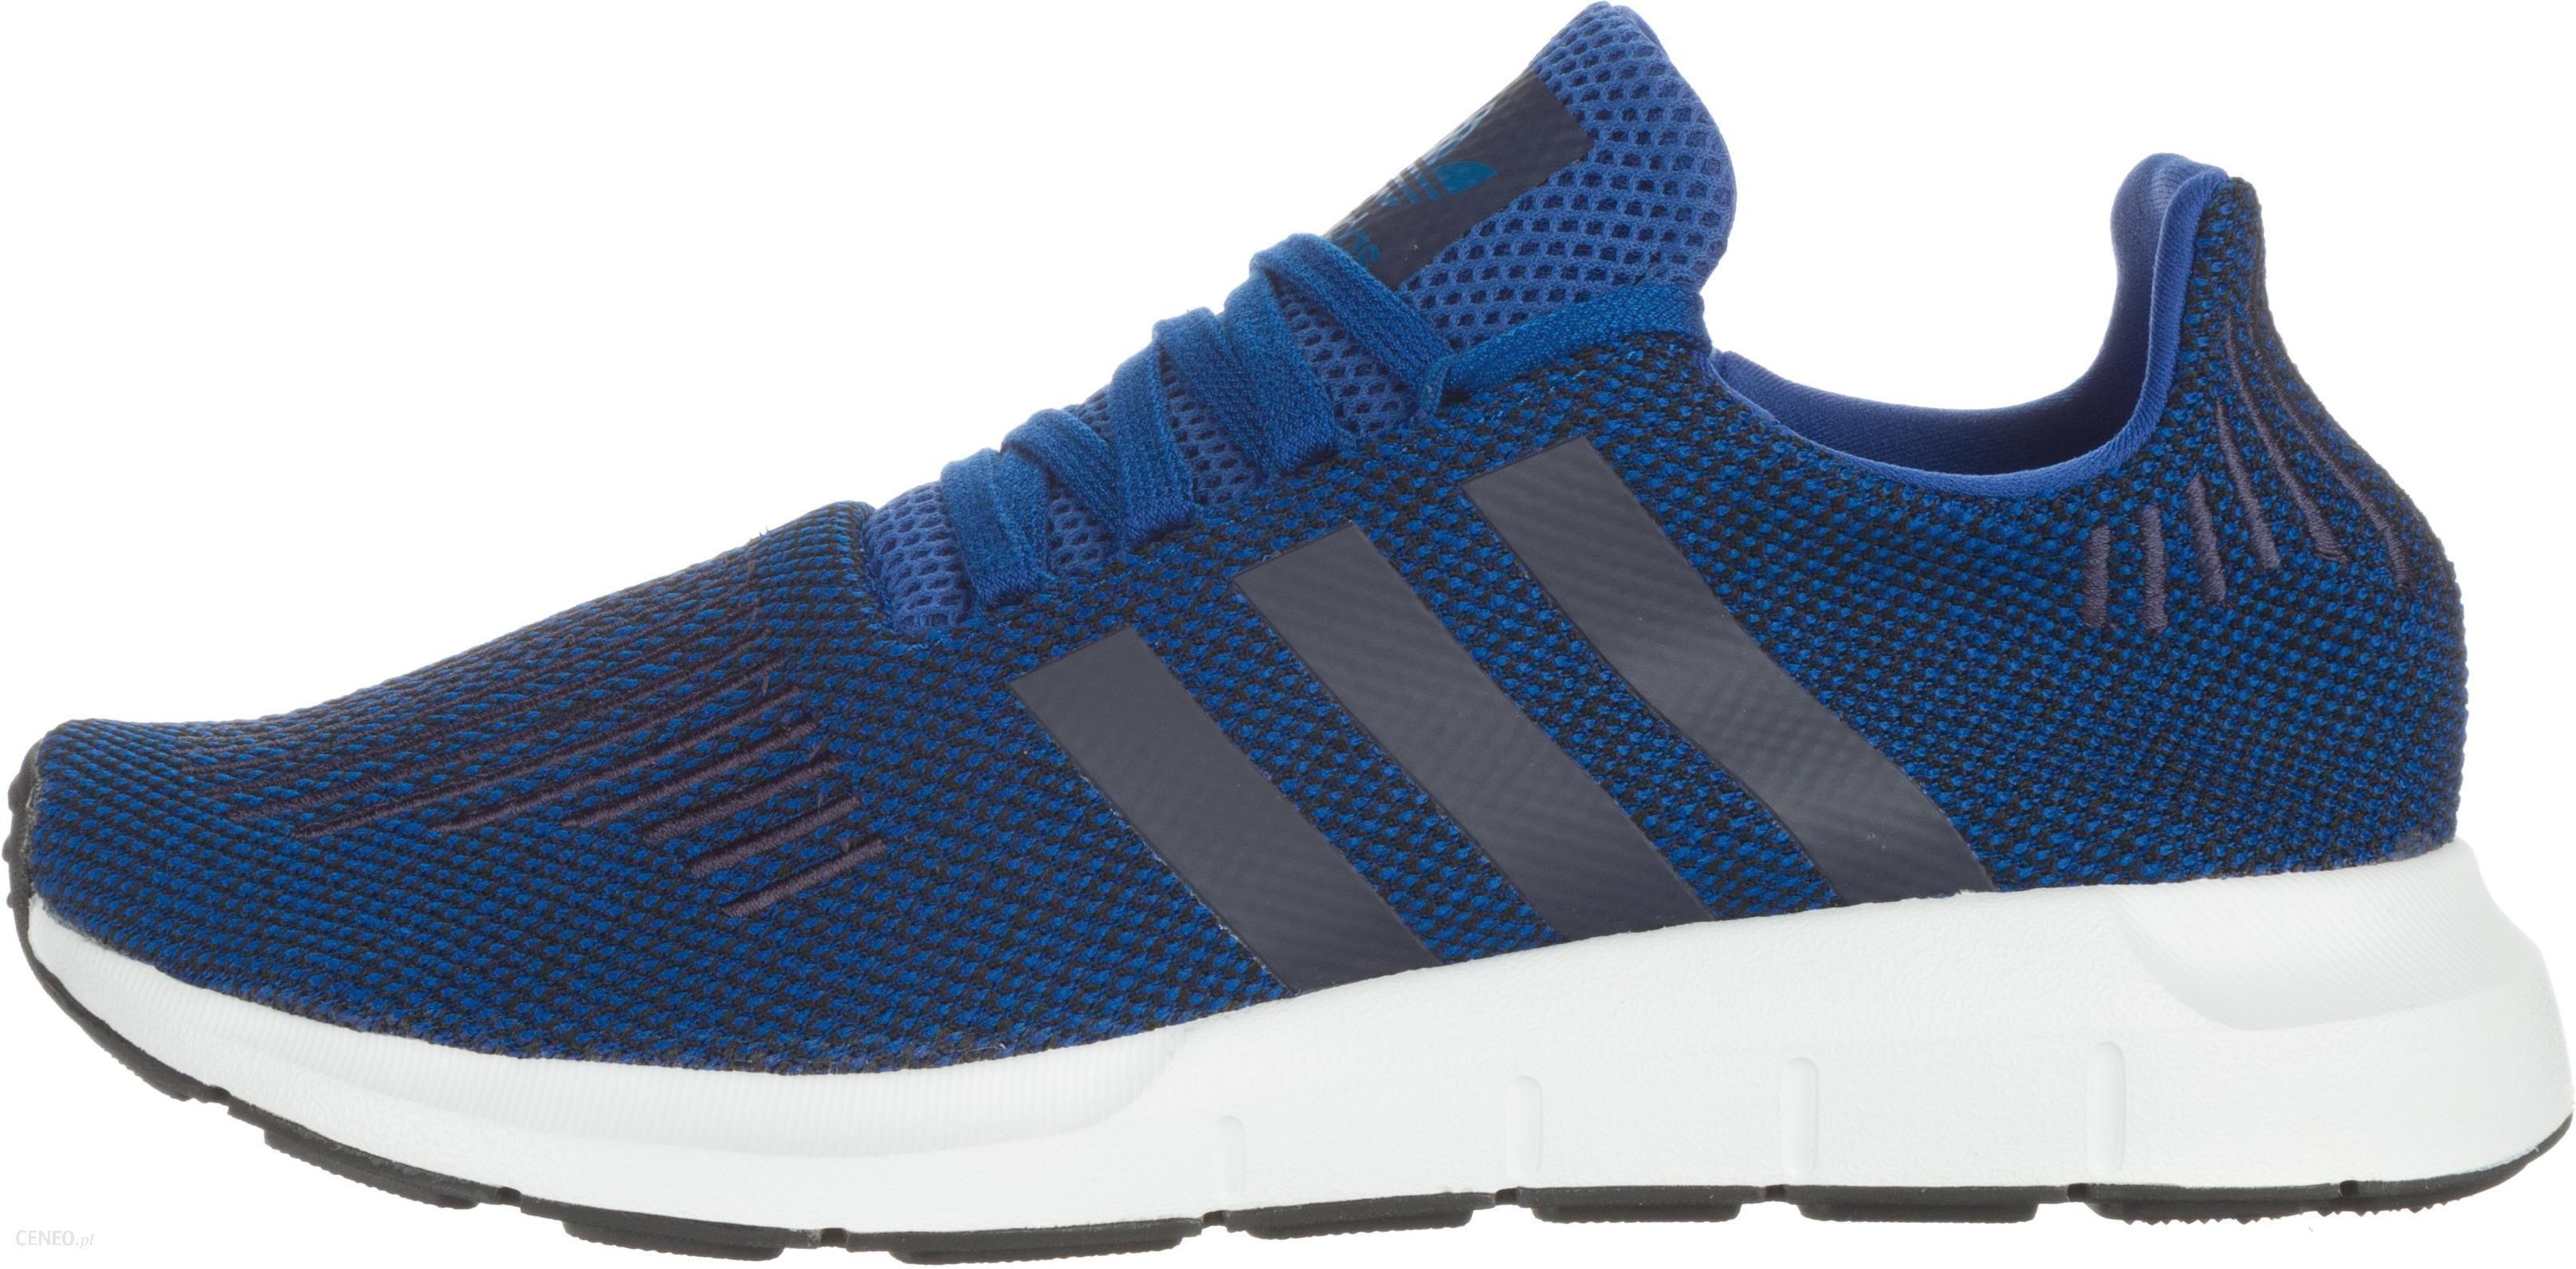 cc89488c72d4e Adidas Originals Swift Run Tenisówki Niebieski 43 1 3 - Ceny i ...